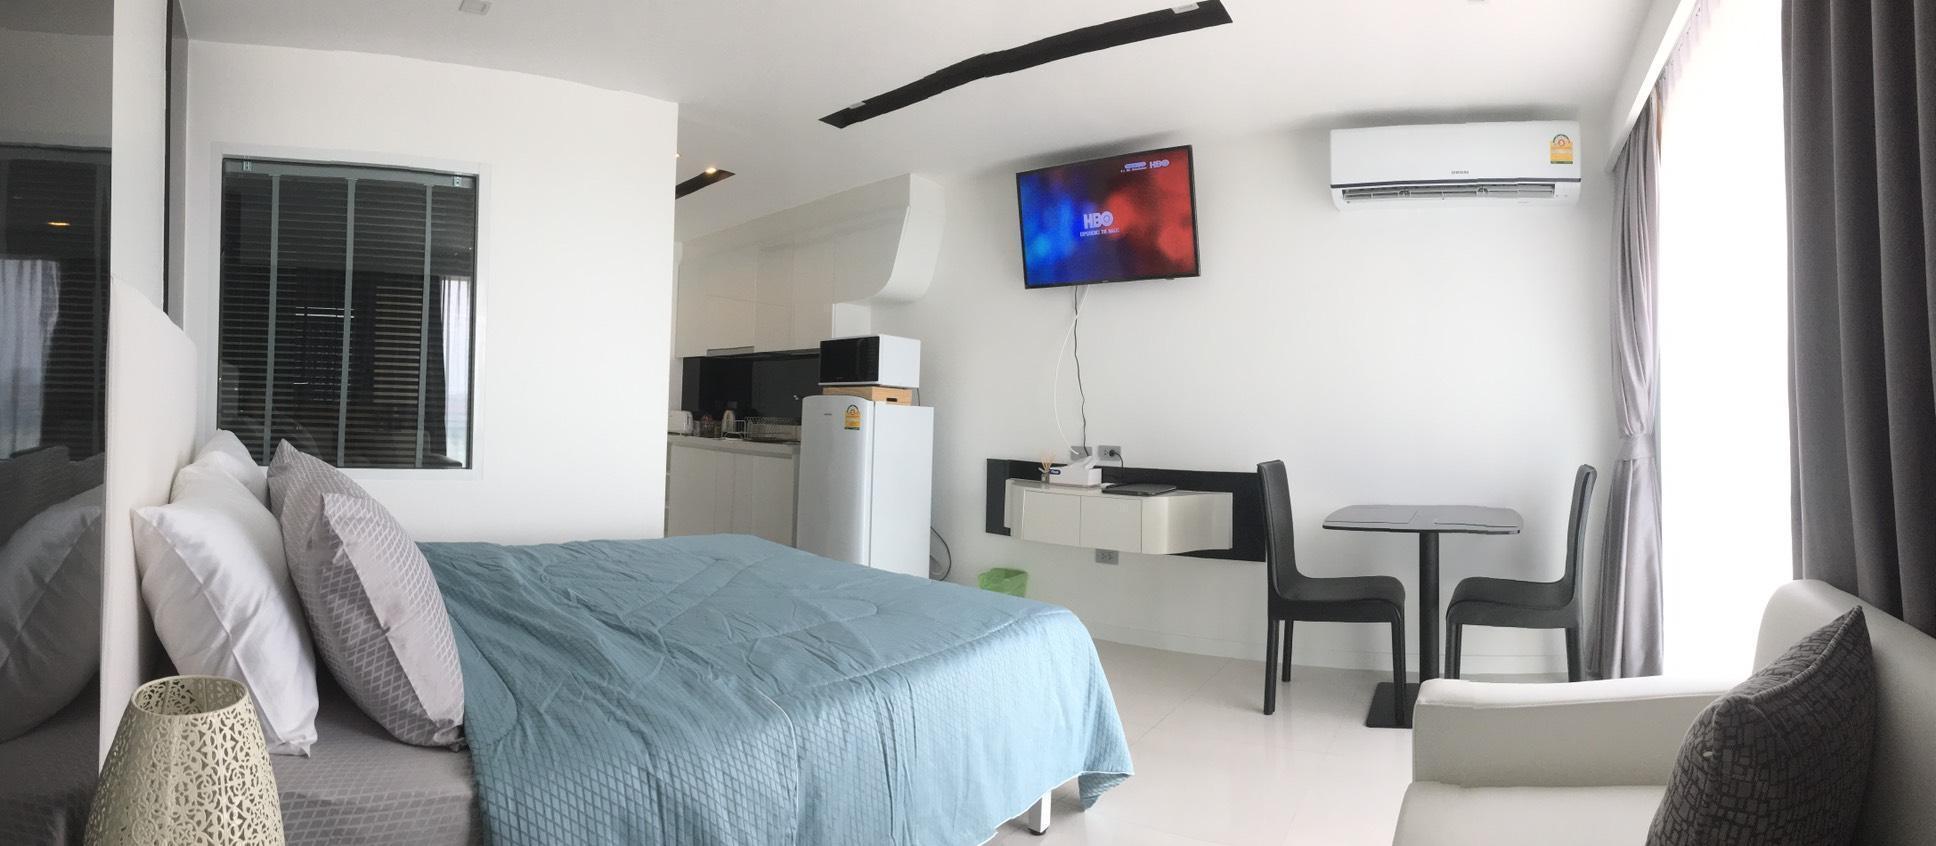 VIP Pattaya Praivate Studio Queen Bed Pattaya 3 Rd VIP Pattaya Praivate Studio Queen Bed Pattaya 3 Rd